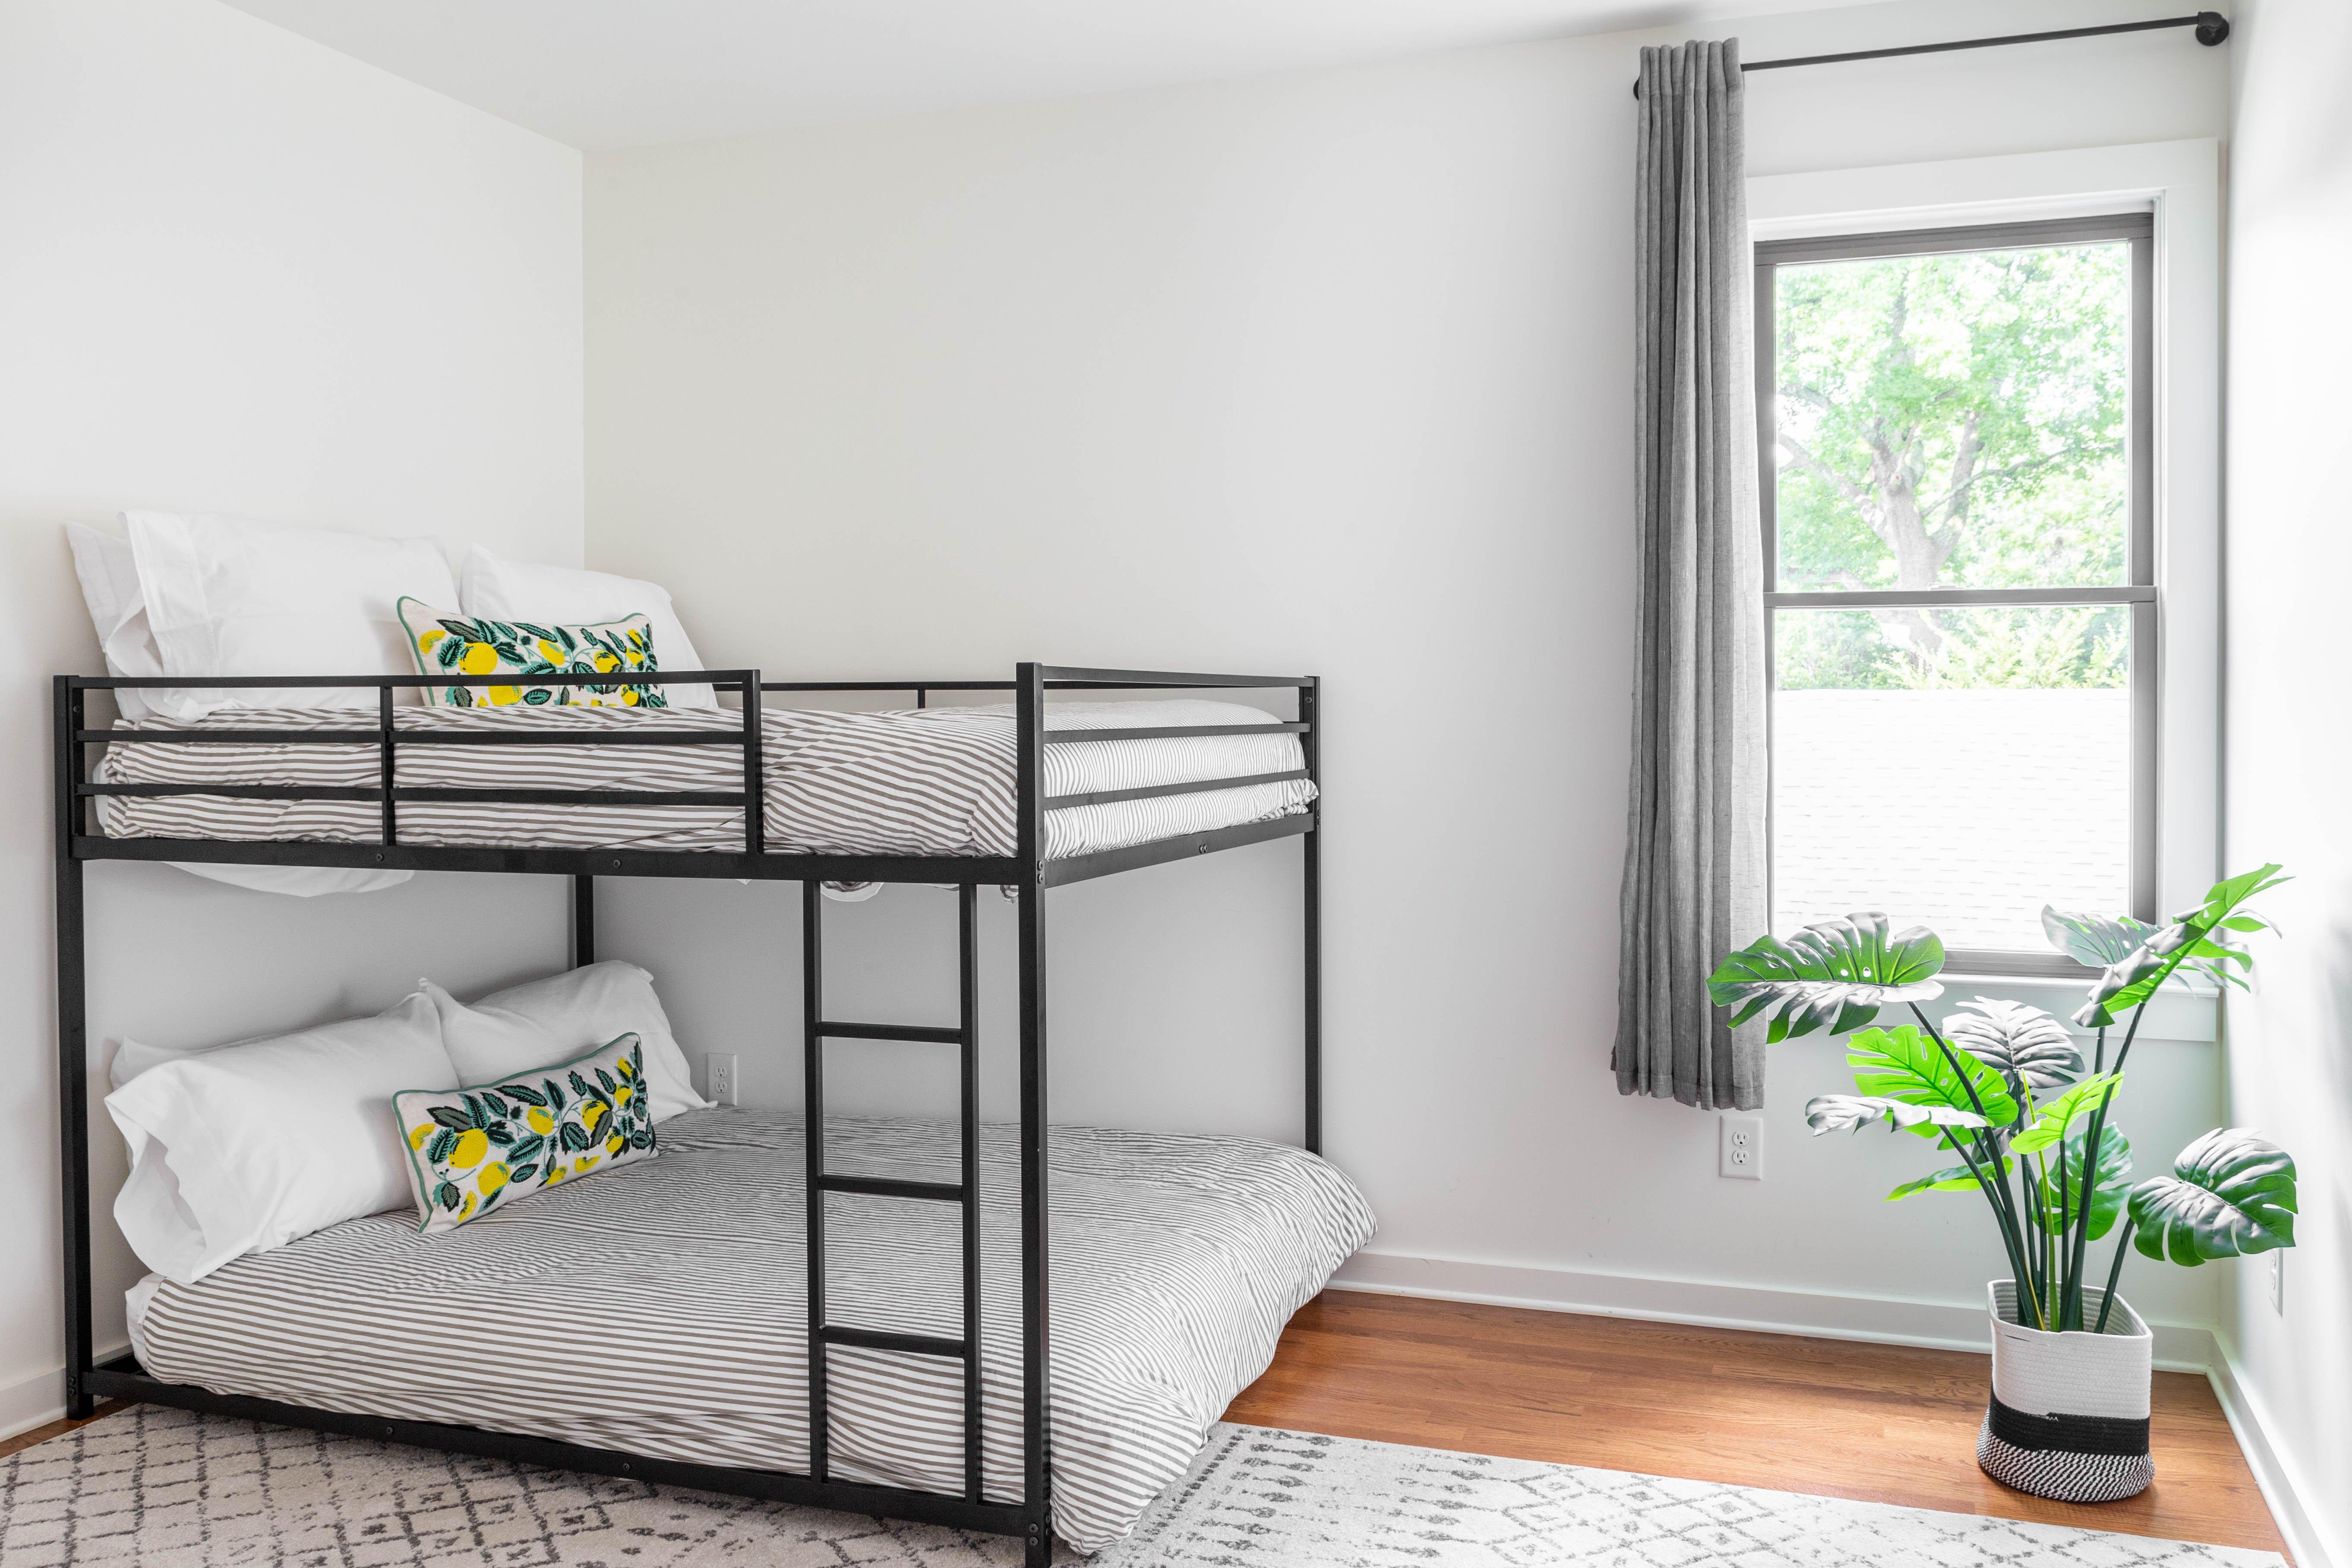 33 bedroom 3 20210707-IMG_8227-HDR.jpg